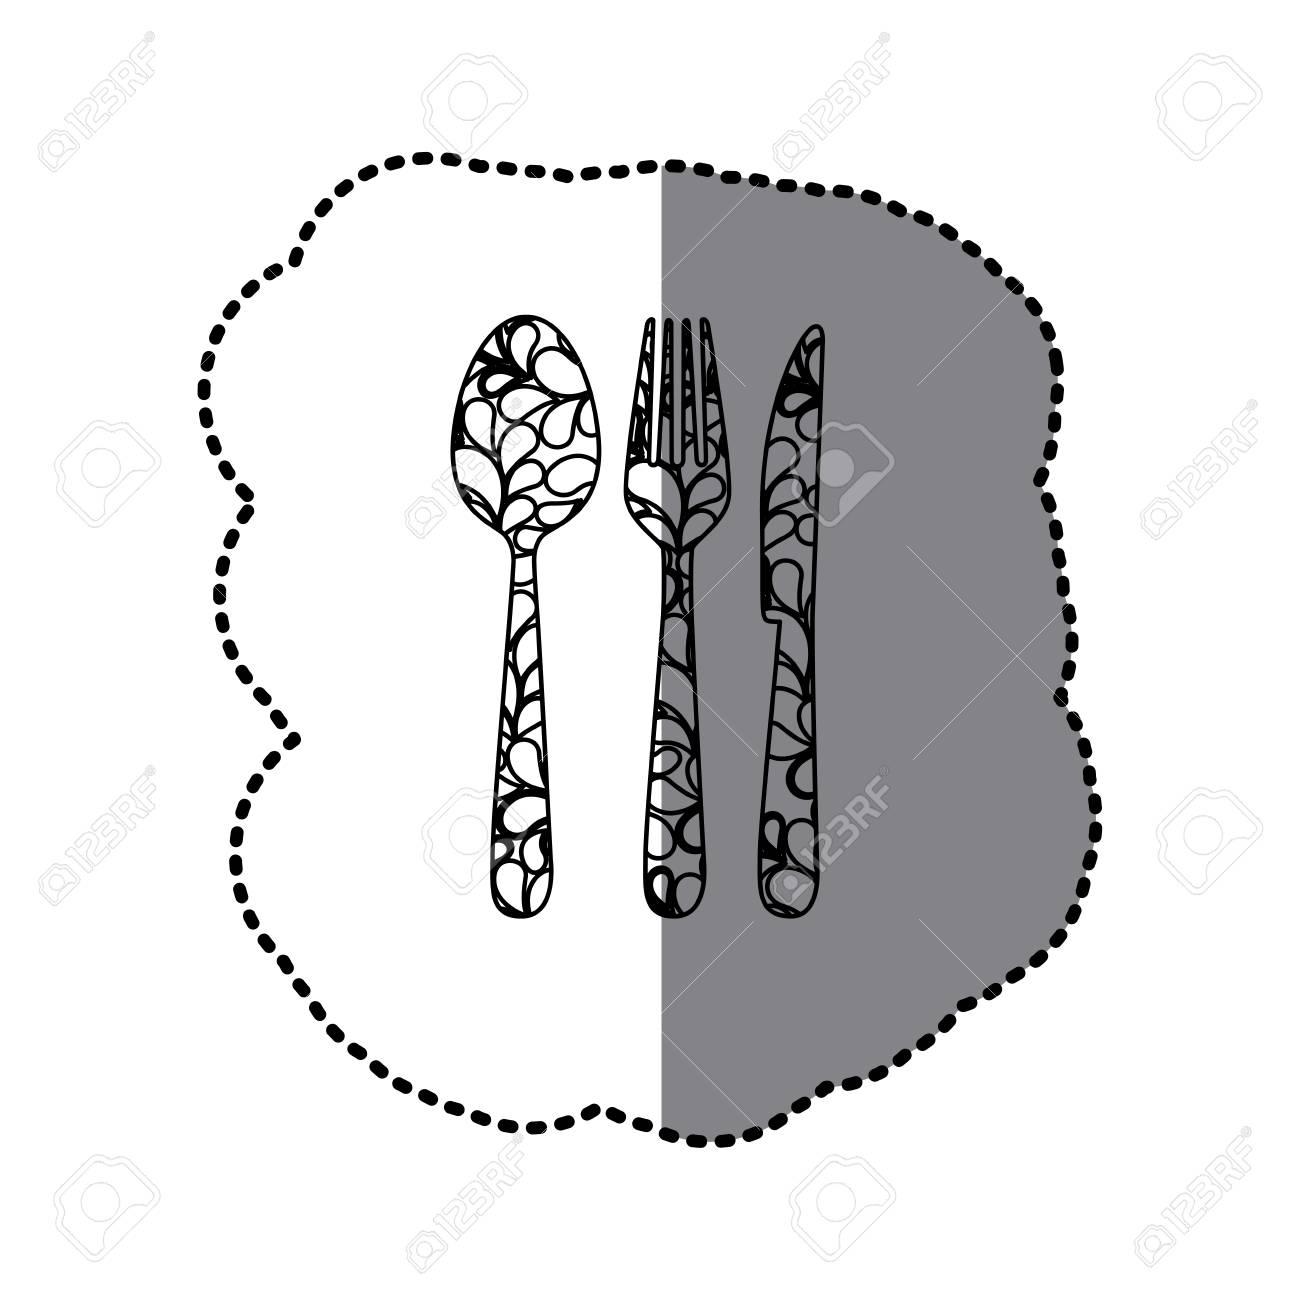 Scale Kontur Besteck Werkzeuge Symbol Vektor Illustraction Design Lizenzfrei Nutzbare Vektorgrafiken Clip Arts Illustrationen Image 73501460